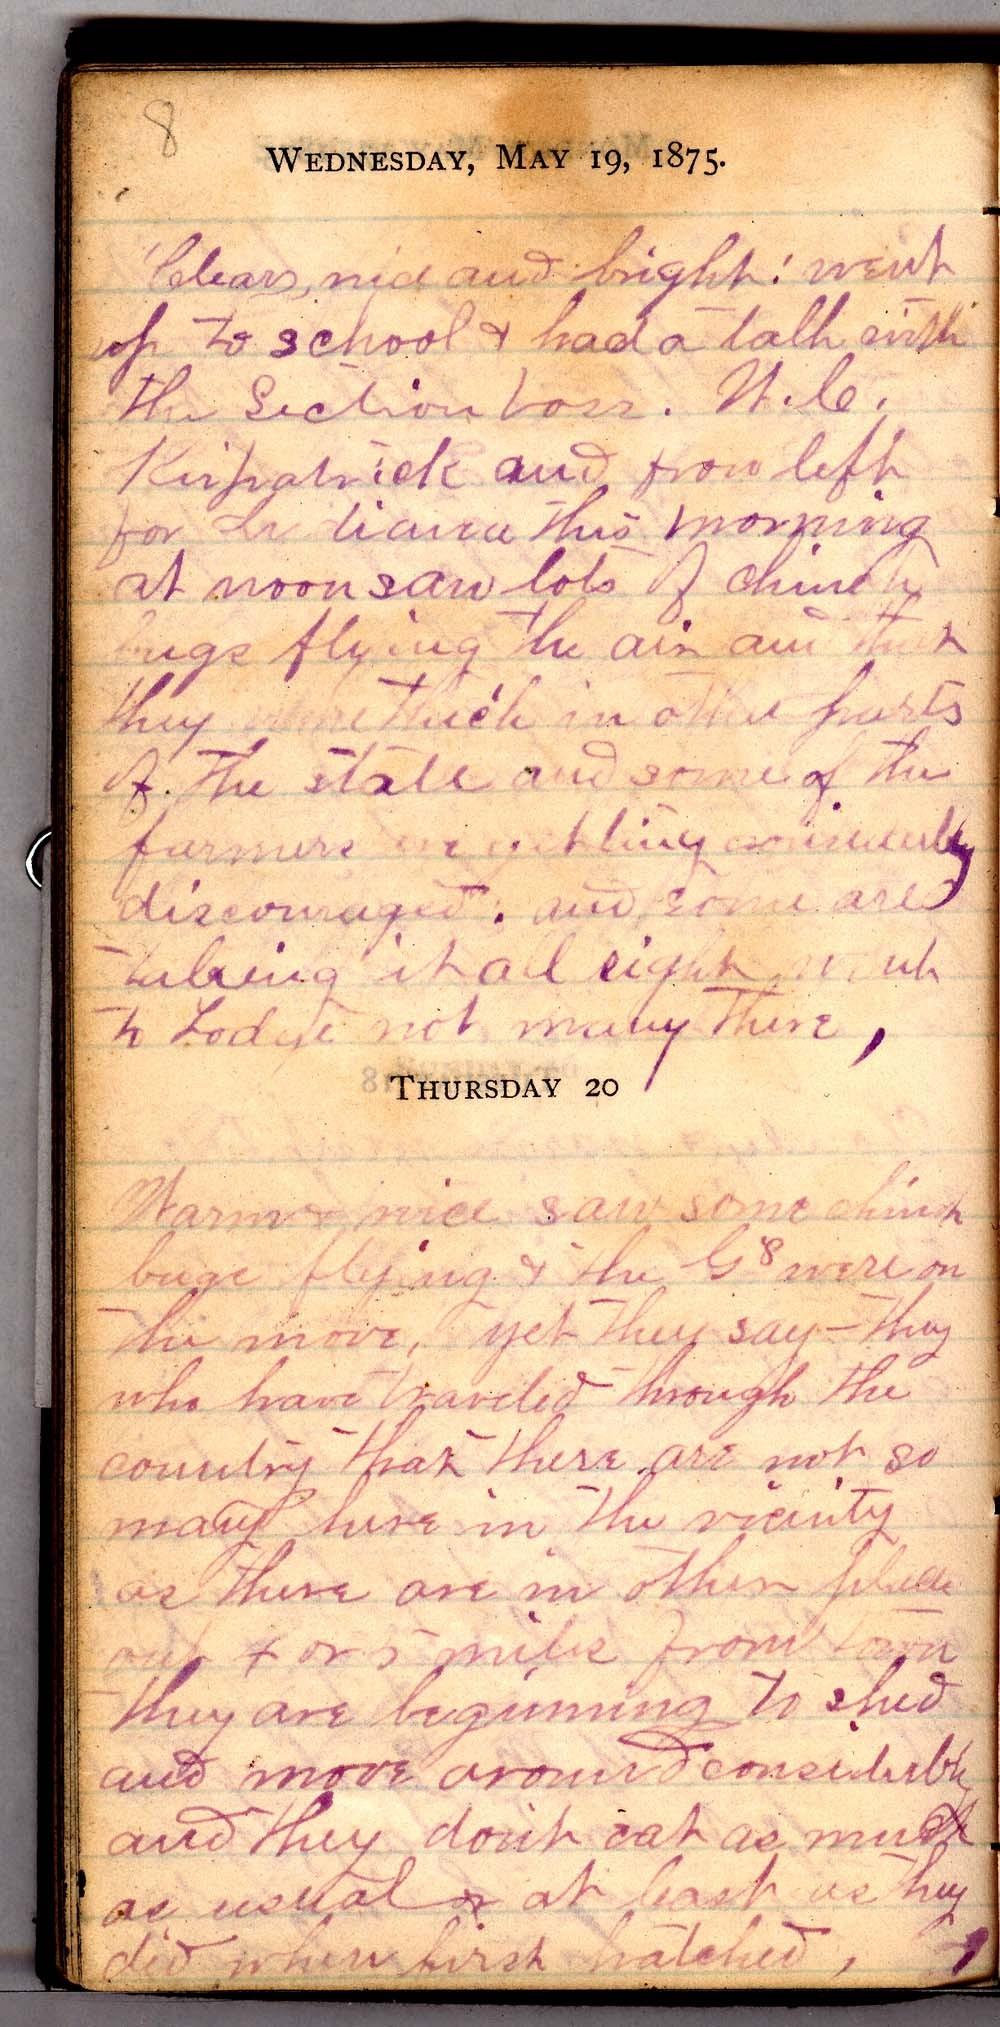 John William Gardiner diary - 8